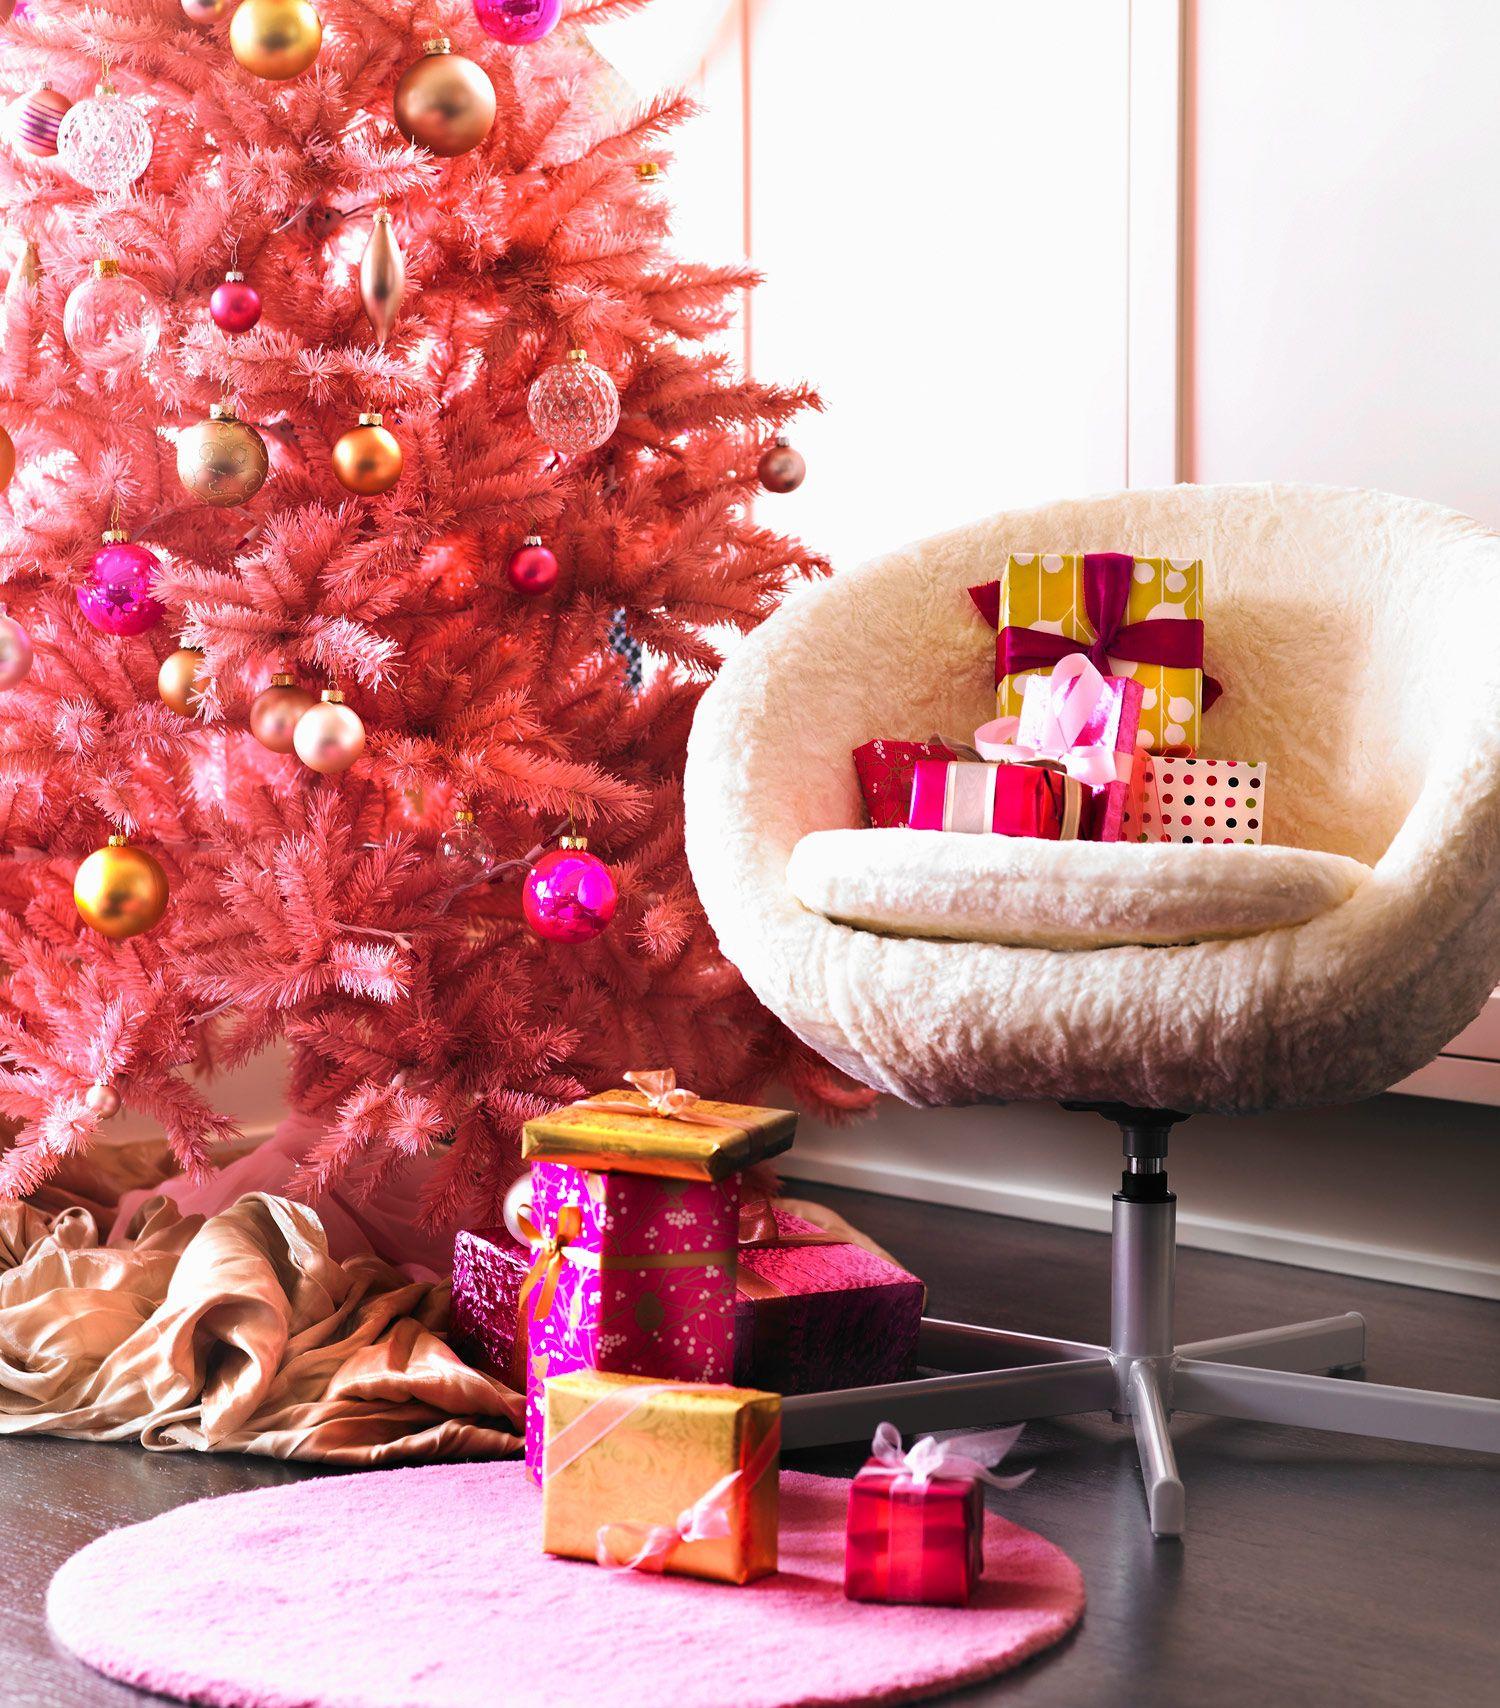 excelentes ideas de árboles de navidad originales en color rosa, decoración navideña en colores neones llamativos